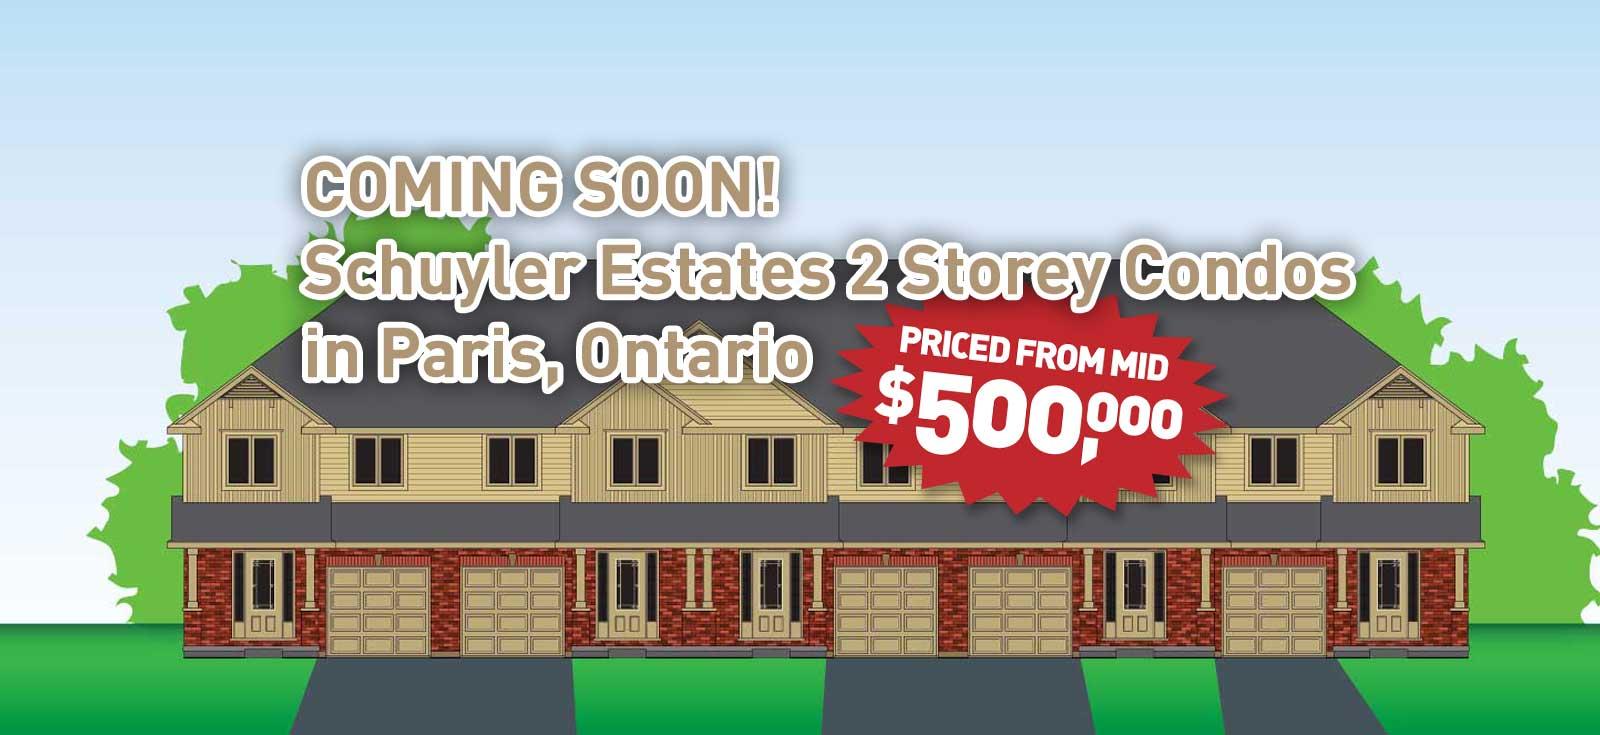 Schuyler-Estates-2-Storey Condo